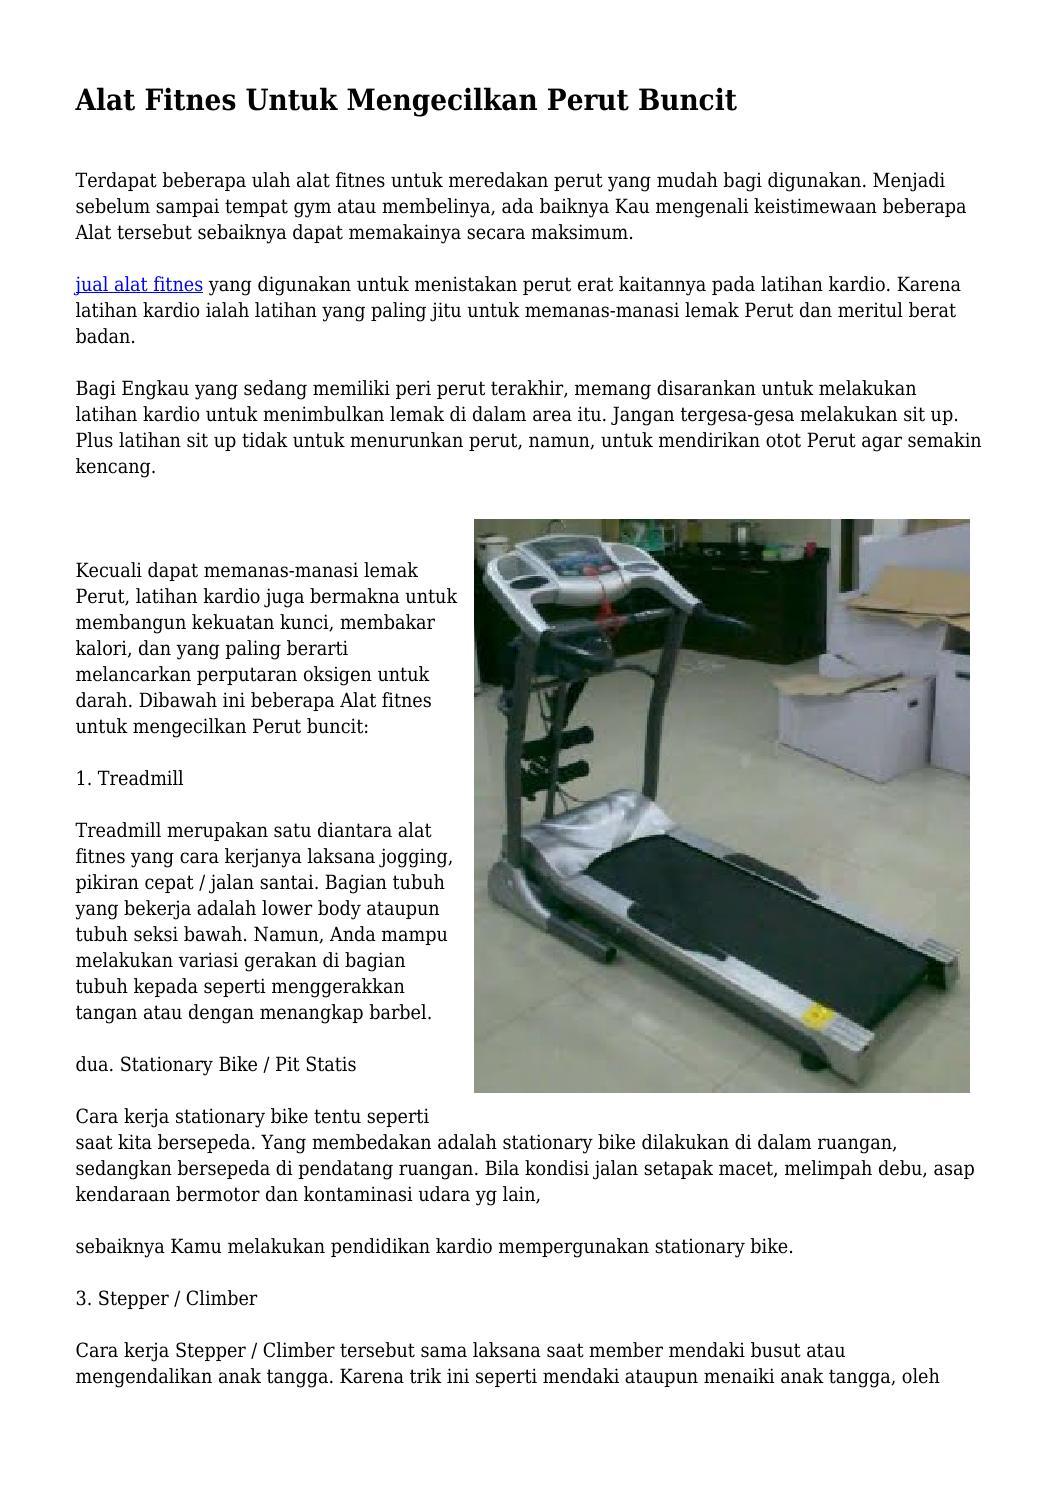 Alat Fitnes Untuk Mengecilkan Perut Buncit By Digikesehatanoke Issuu